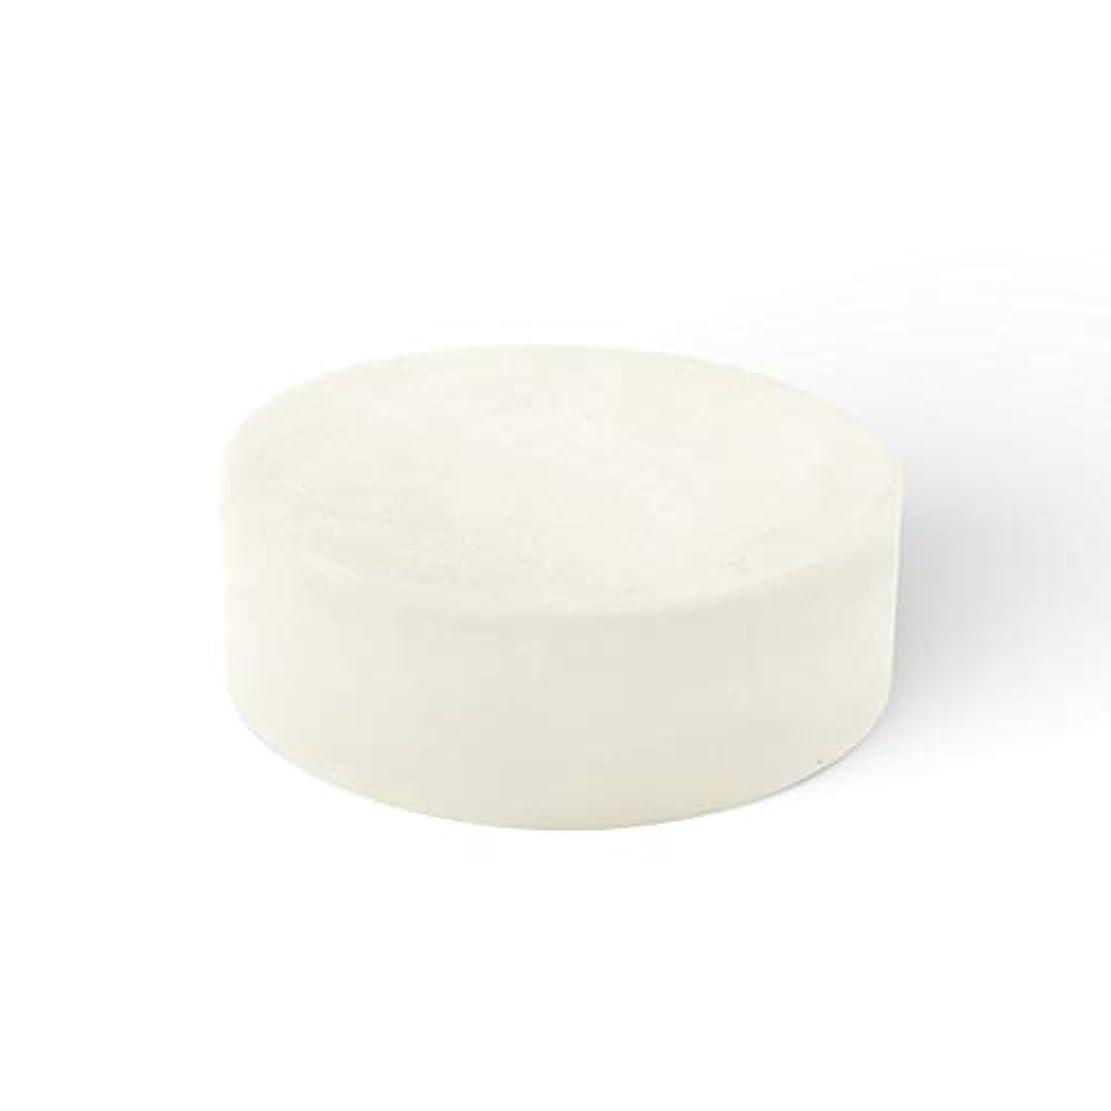 放射性仮説明るくするBeaurttyオーガニックシャンプーバー石鹸髪の成長コンディショナー修復髪の保護のための手作り石鹸